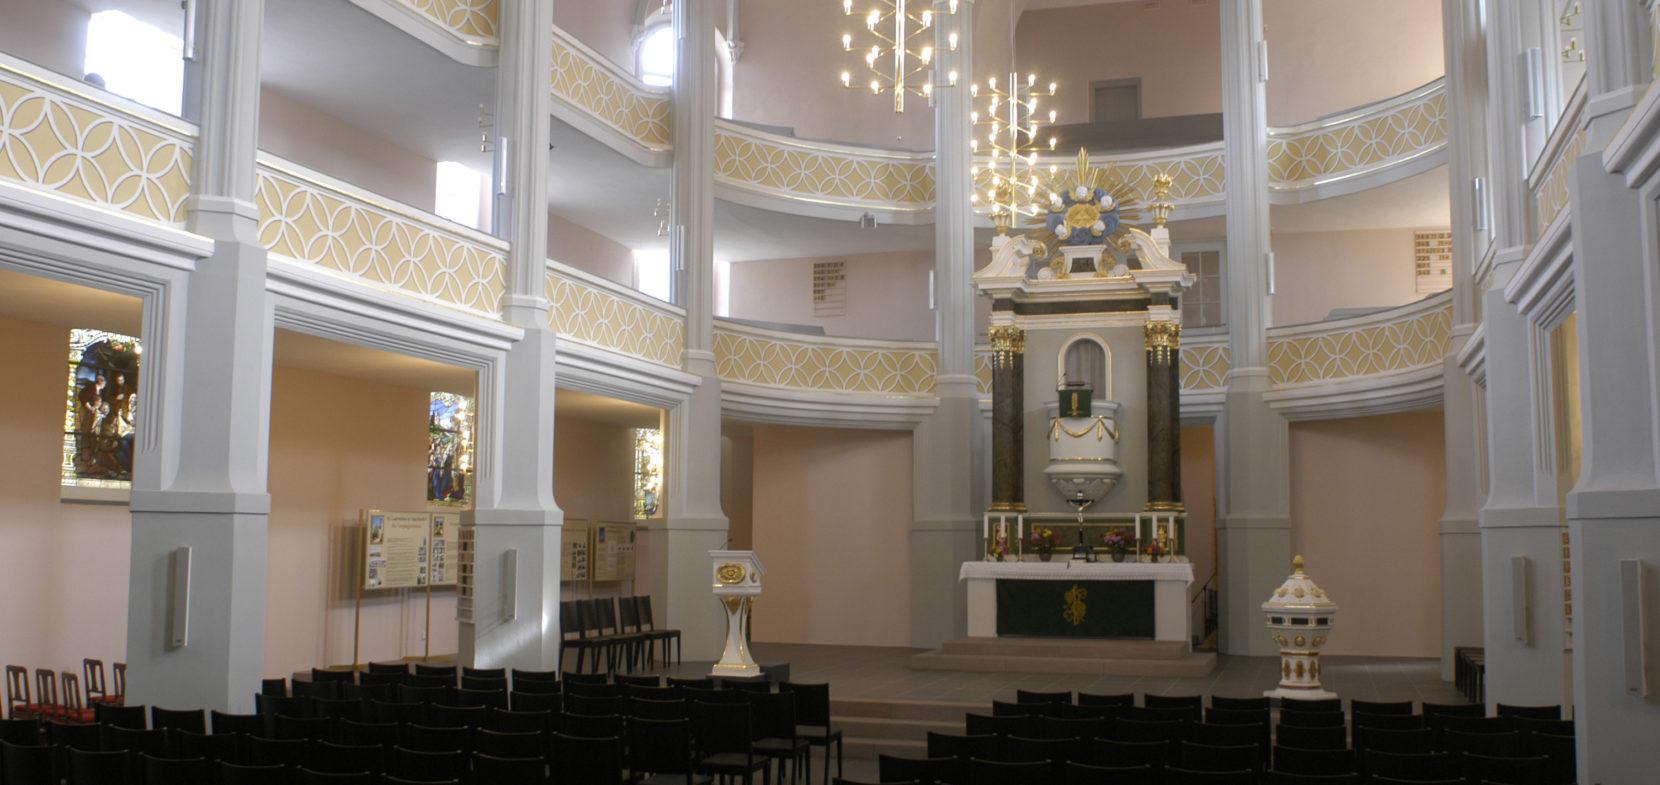 Auerbach – Kirchenmusikalisches Zentrum des Vogtlandes